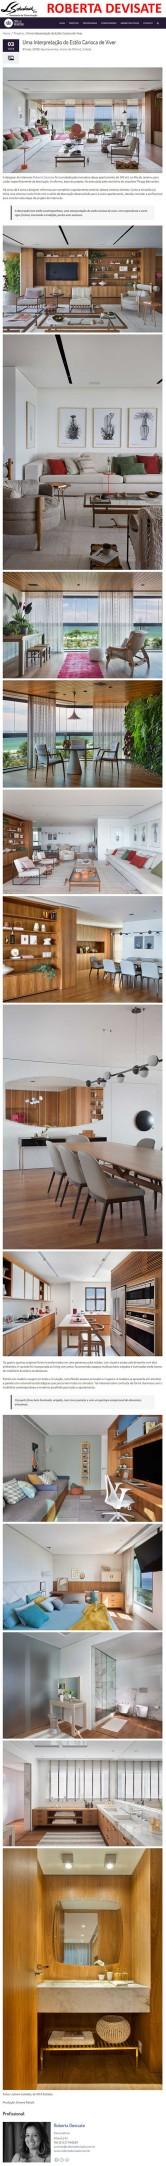 Projeto da designer de interiores ROBERTA DEVIATE no site Casa de Valentina em 7 de março de 2018